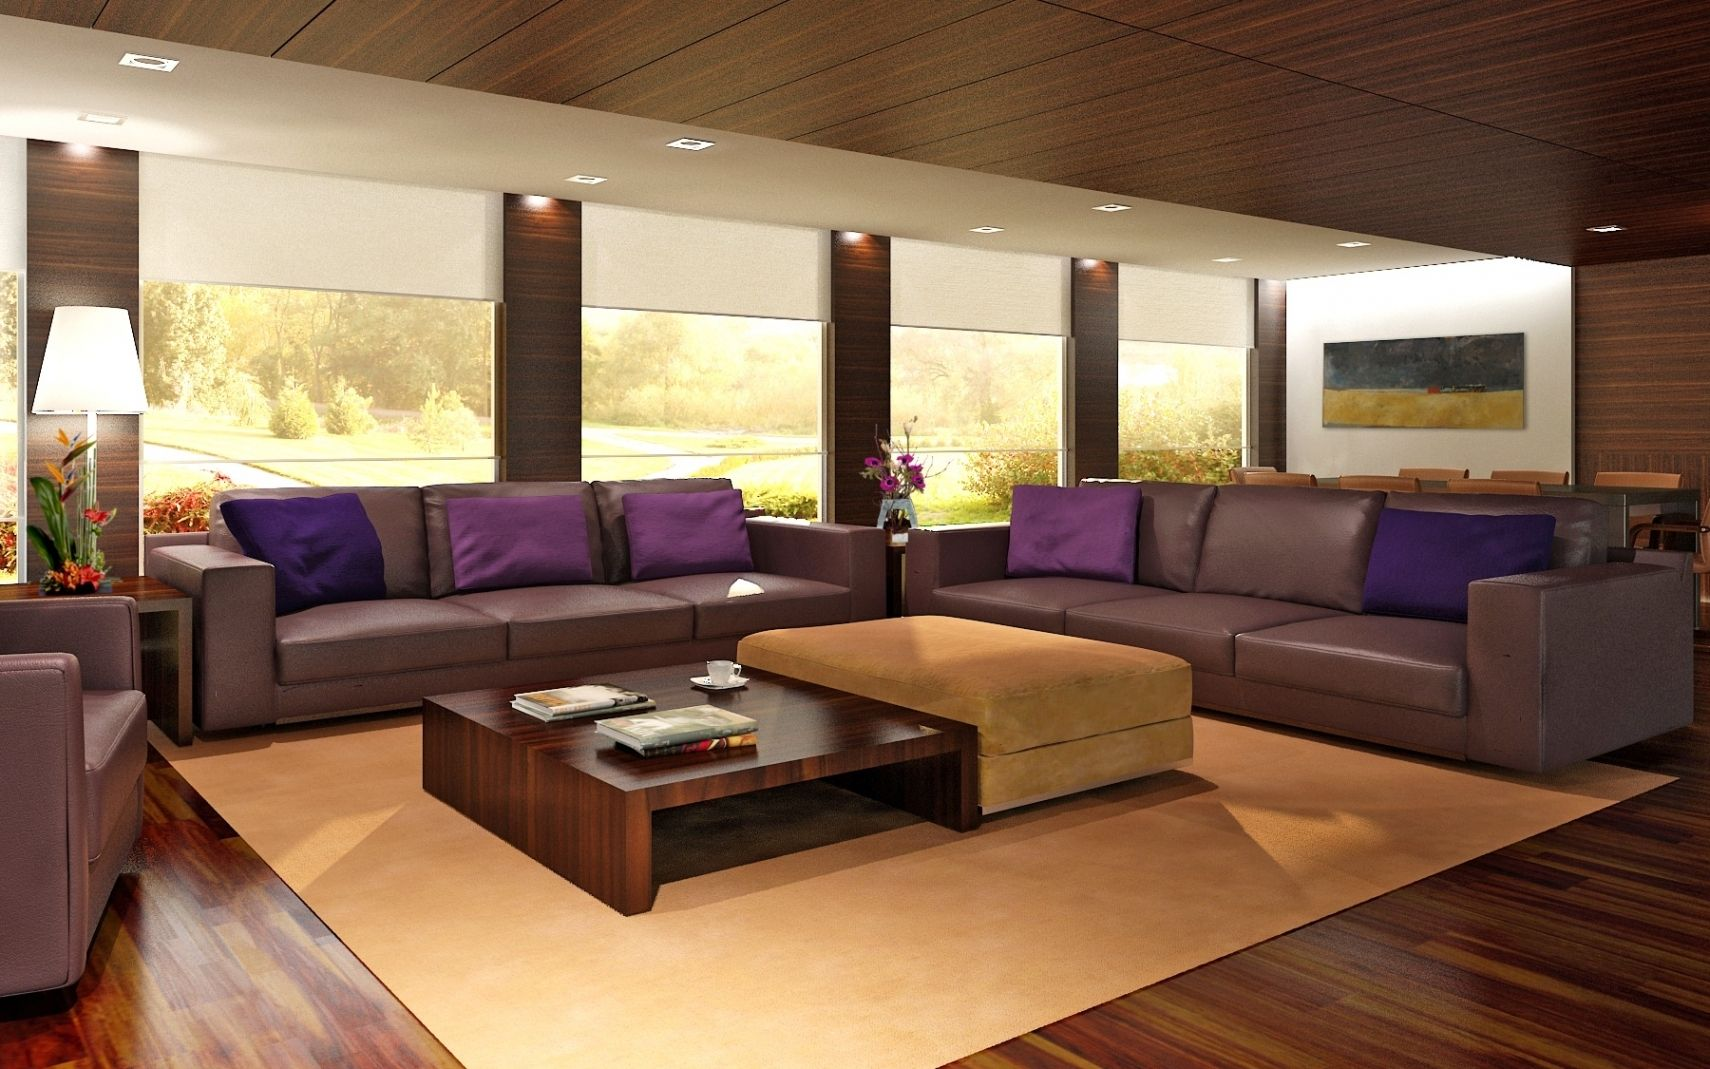 inspirierend wohnzimmer ideen braune couch - Ideen Wohnzimmer Braune Couch